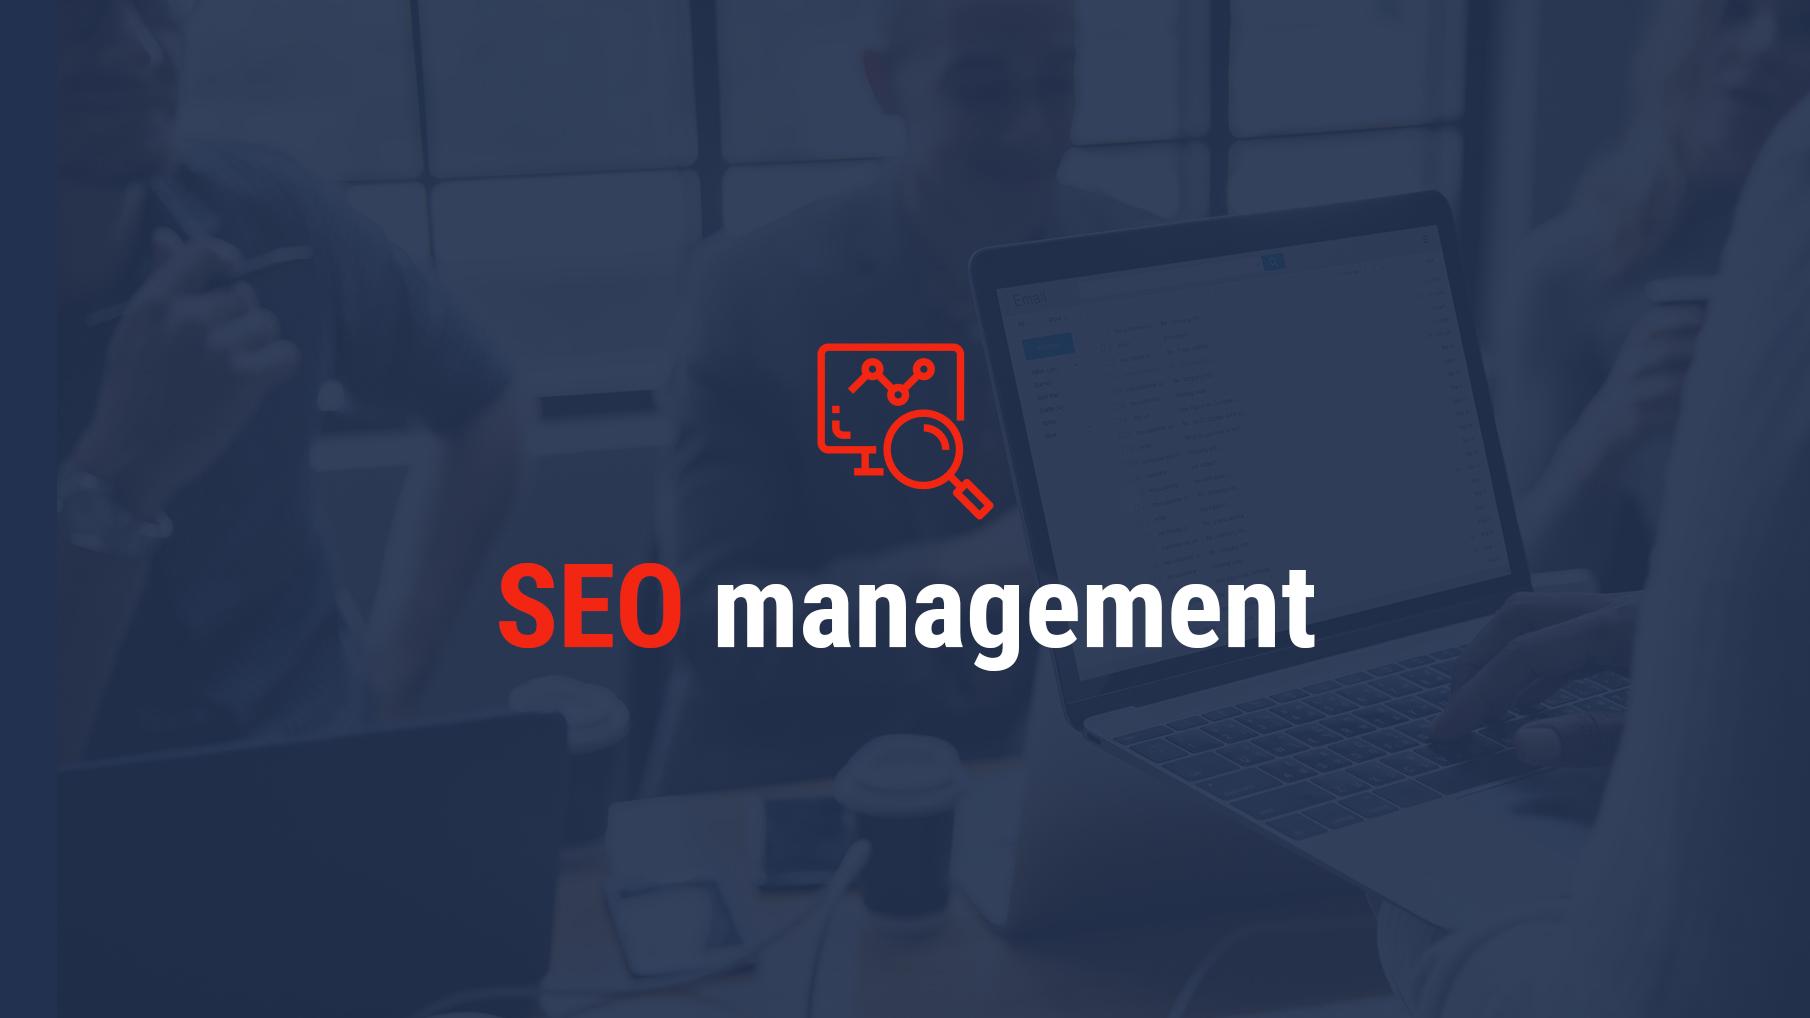 Příprava Nového Webu A SEO Z Pohledu Manažera